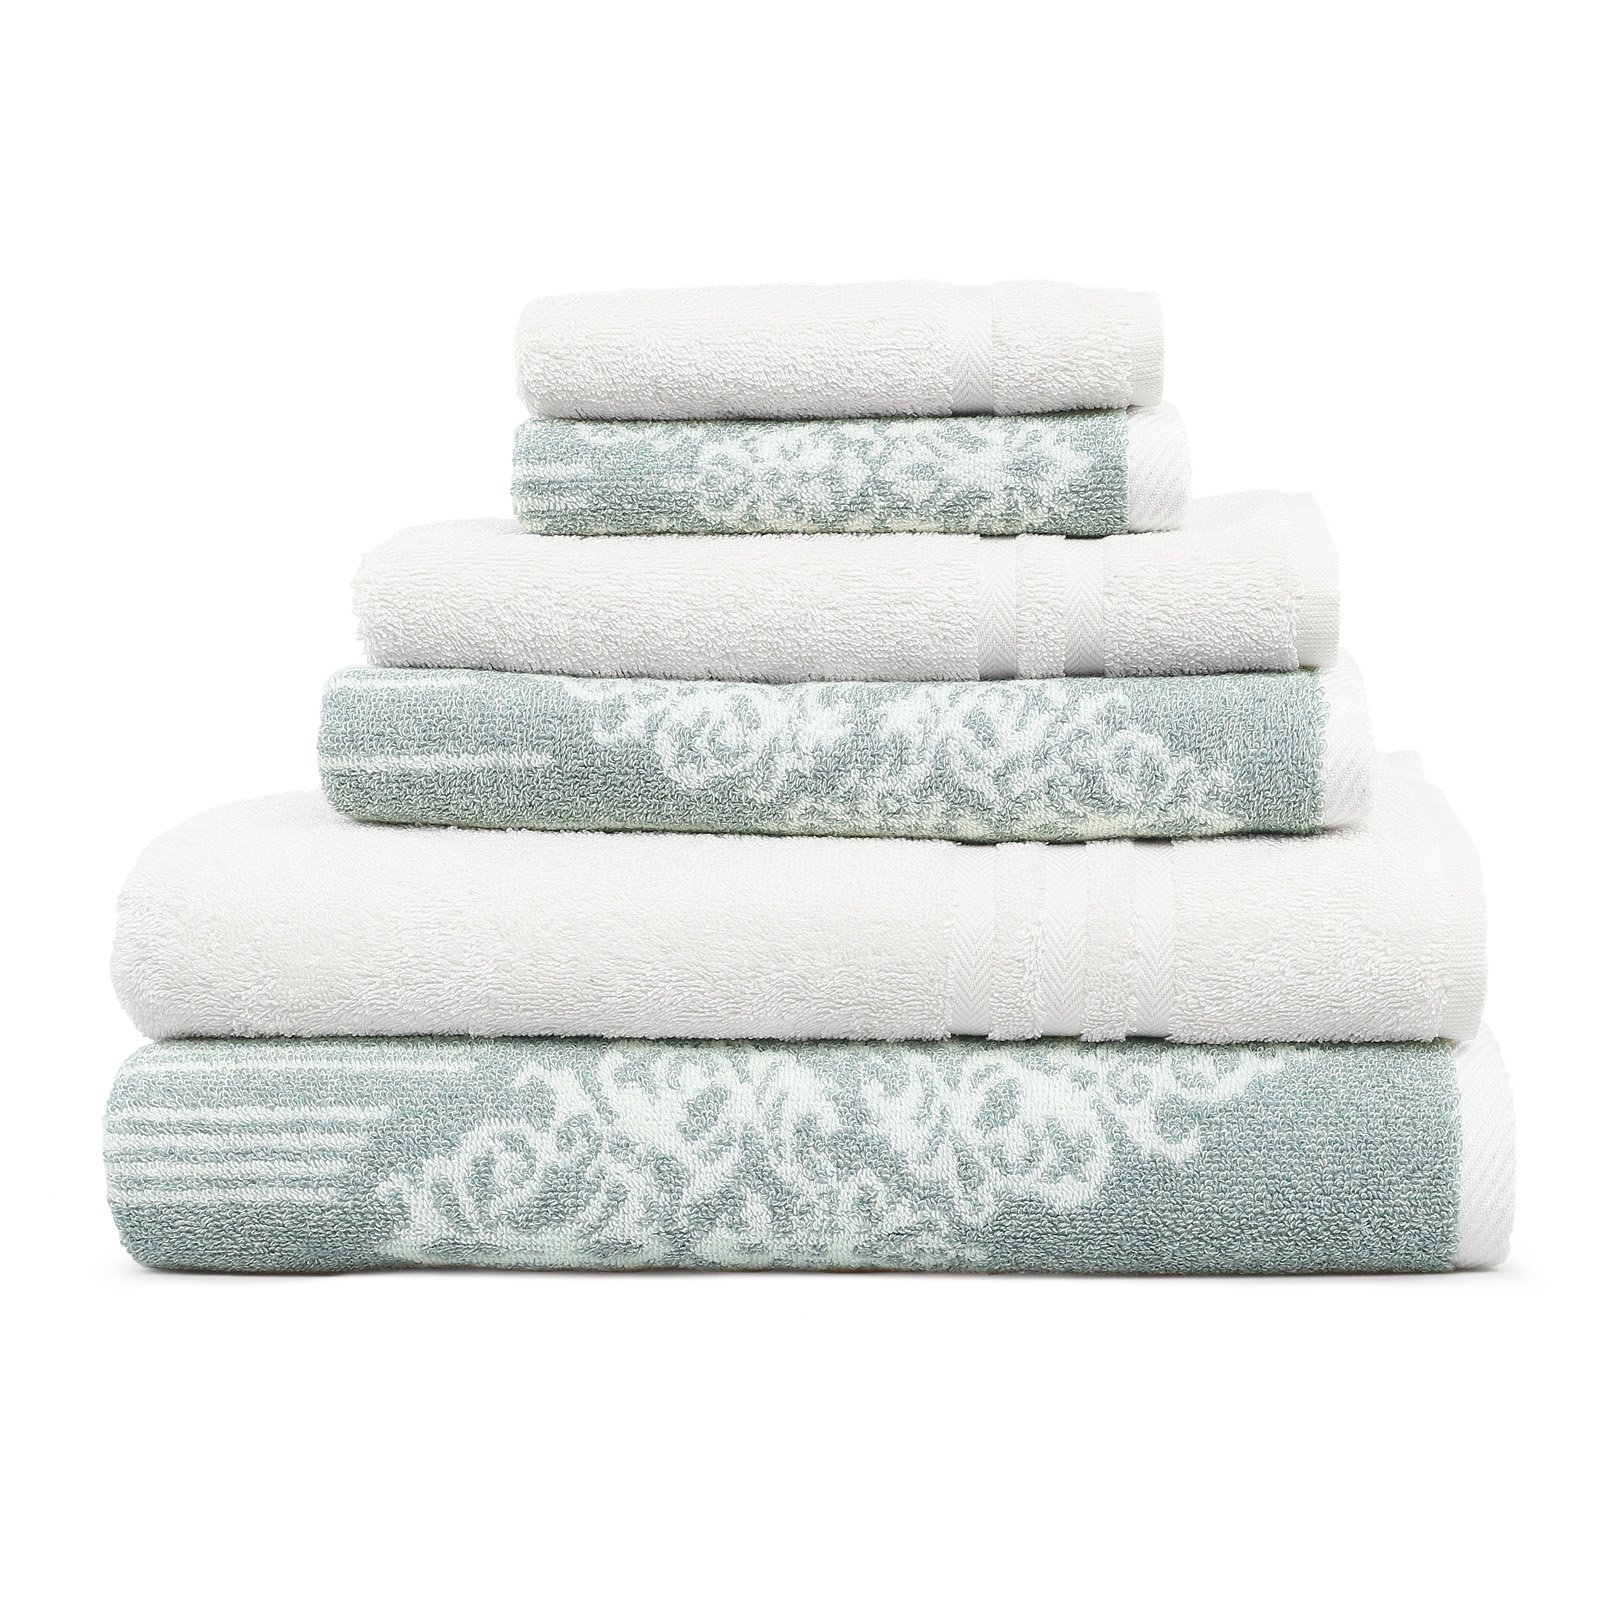 Linum Home Textiles Gioia Denzi Towels Set Of 6 Soft Aqua White